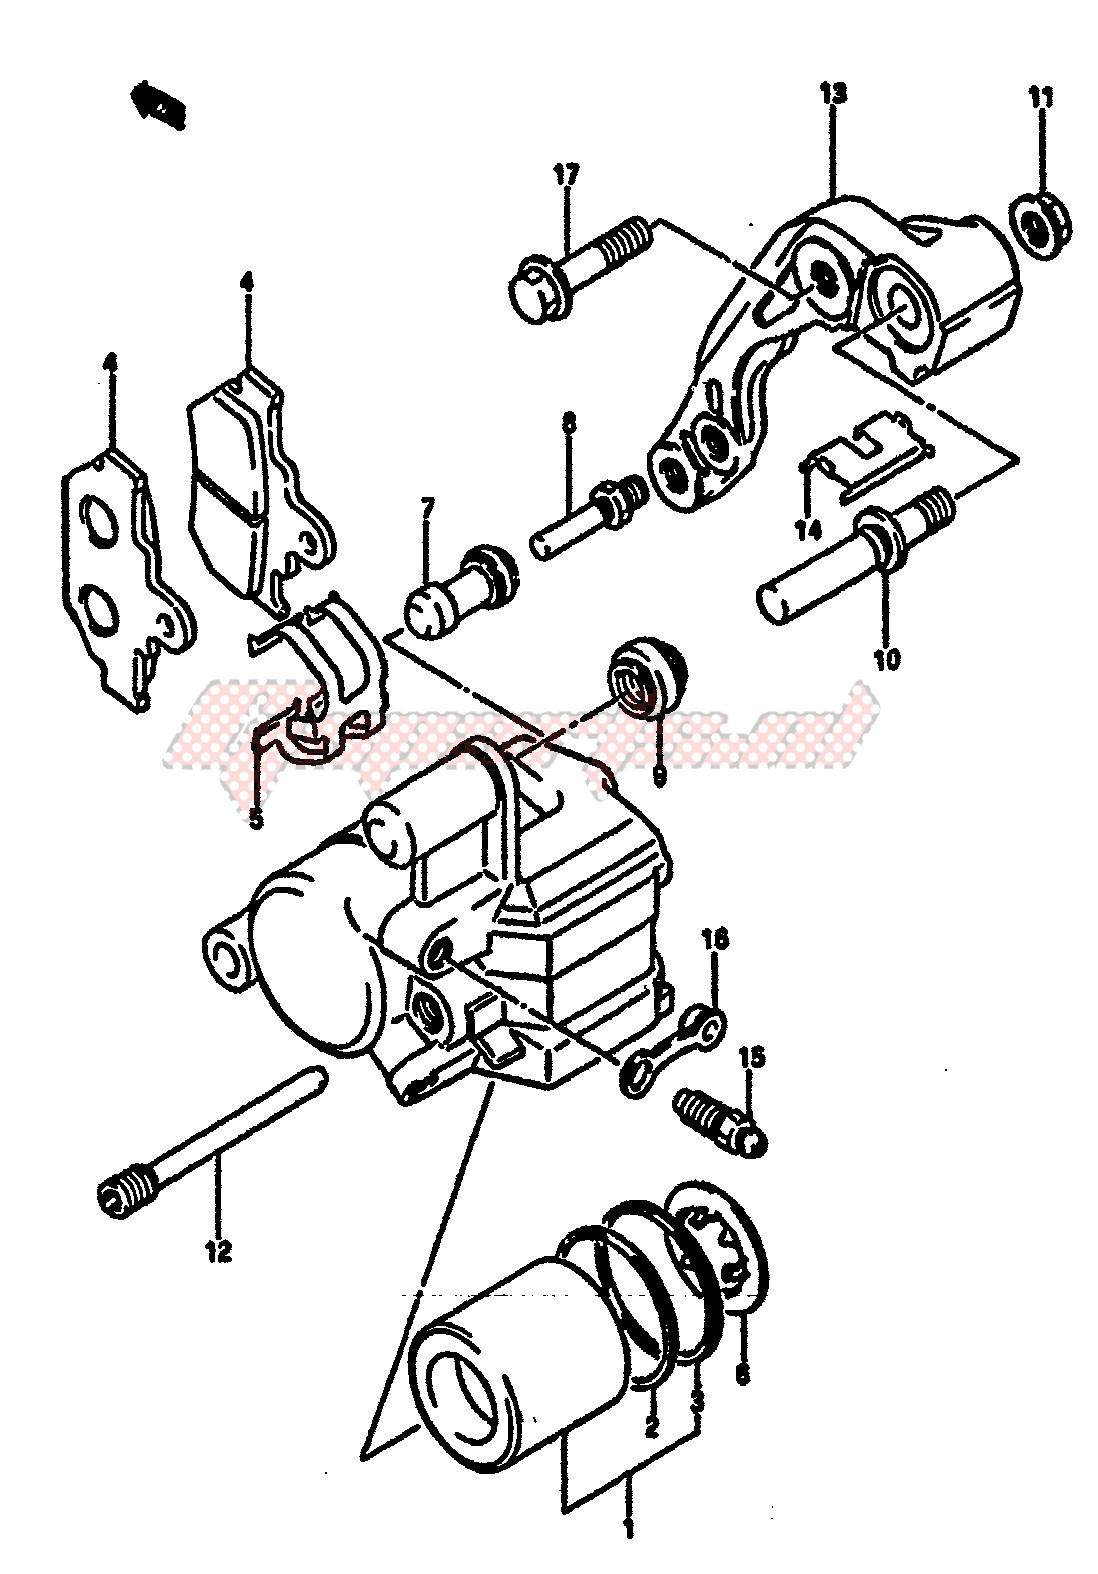 FRONT CALIPER (MODEL F) blueprint